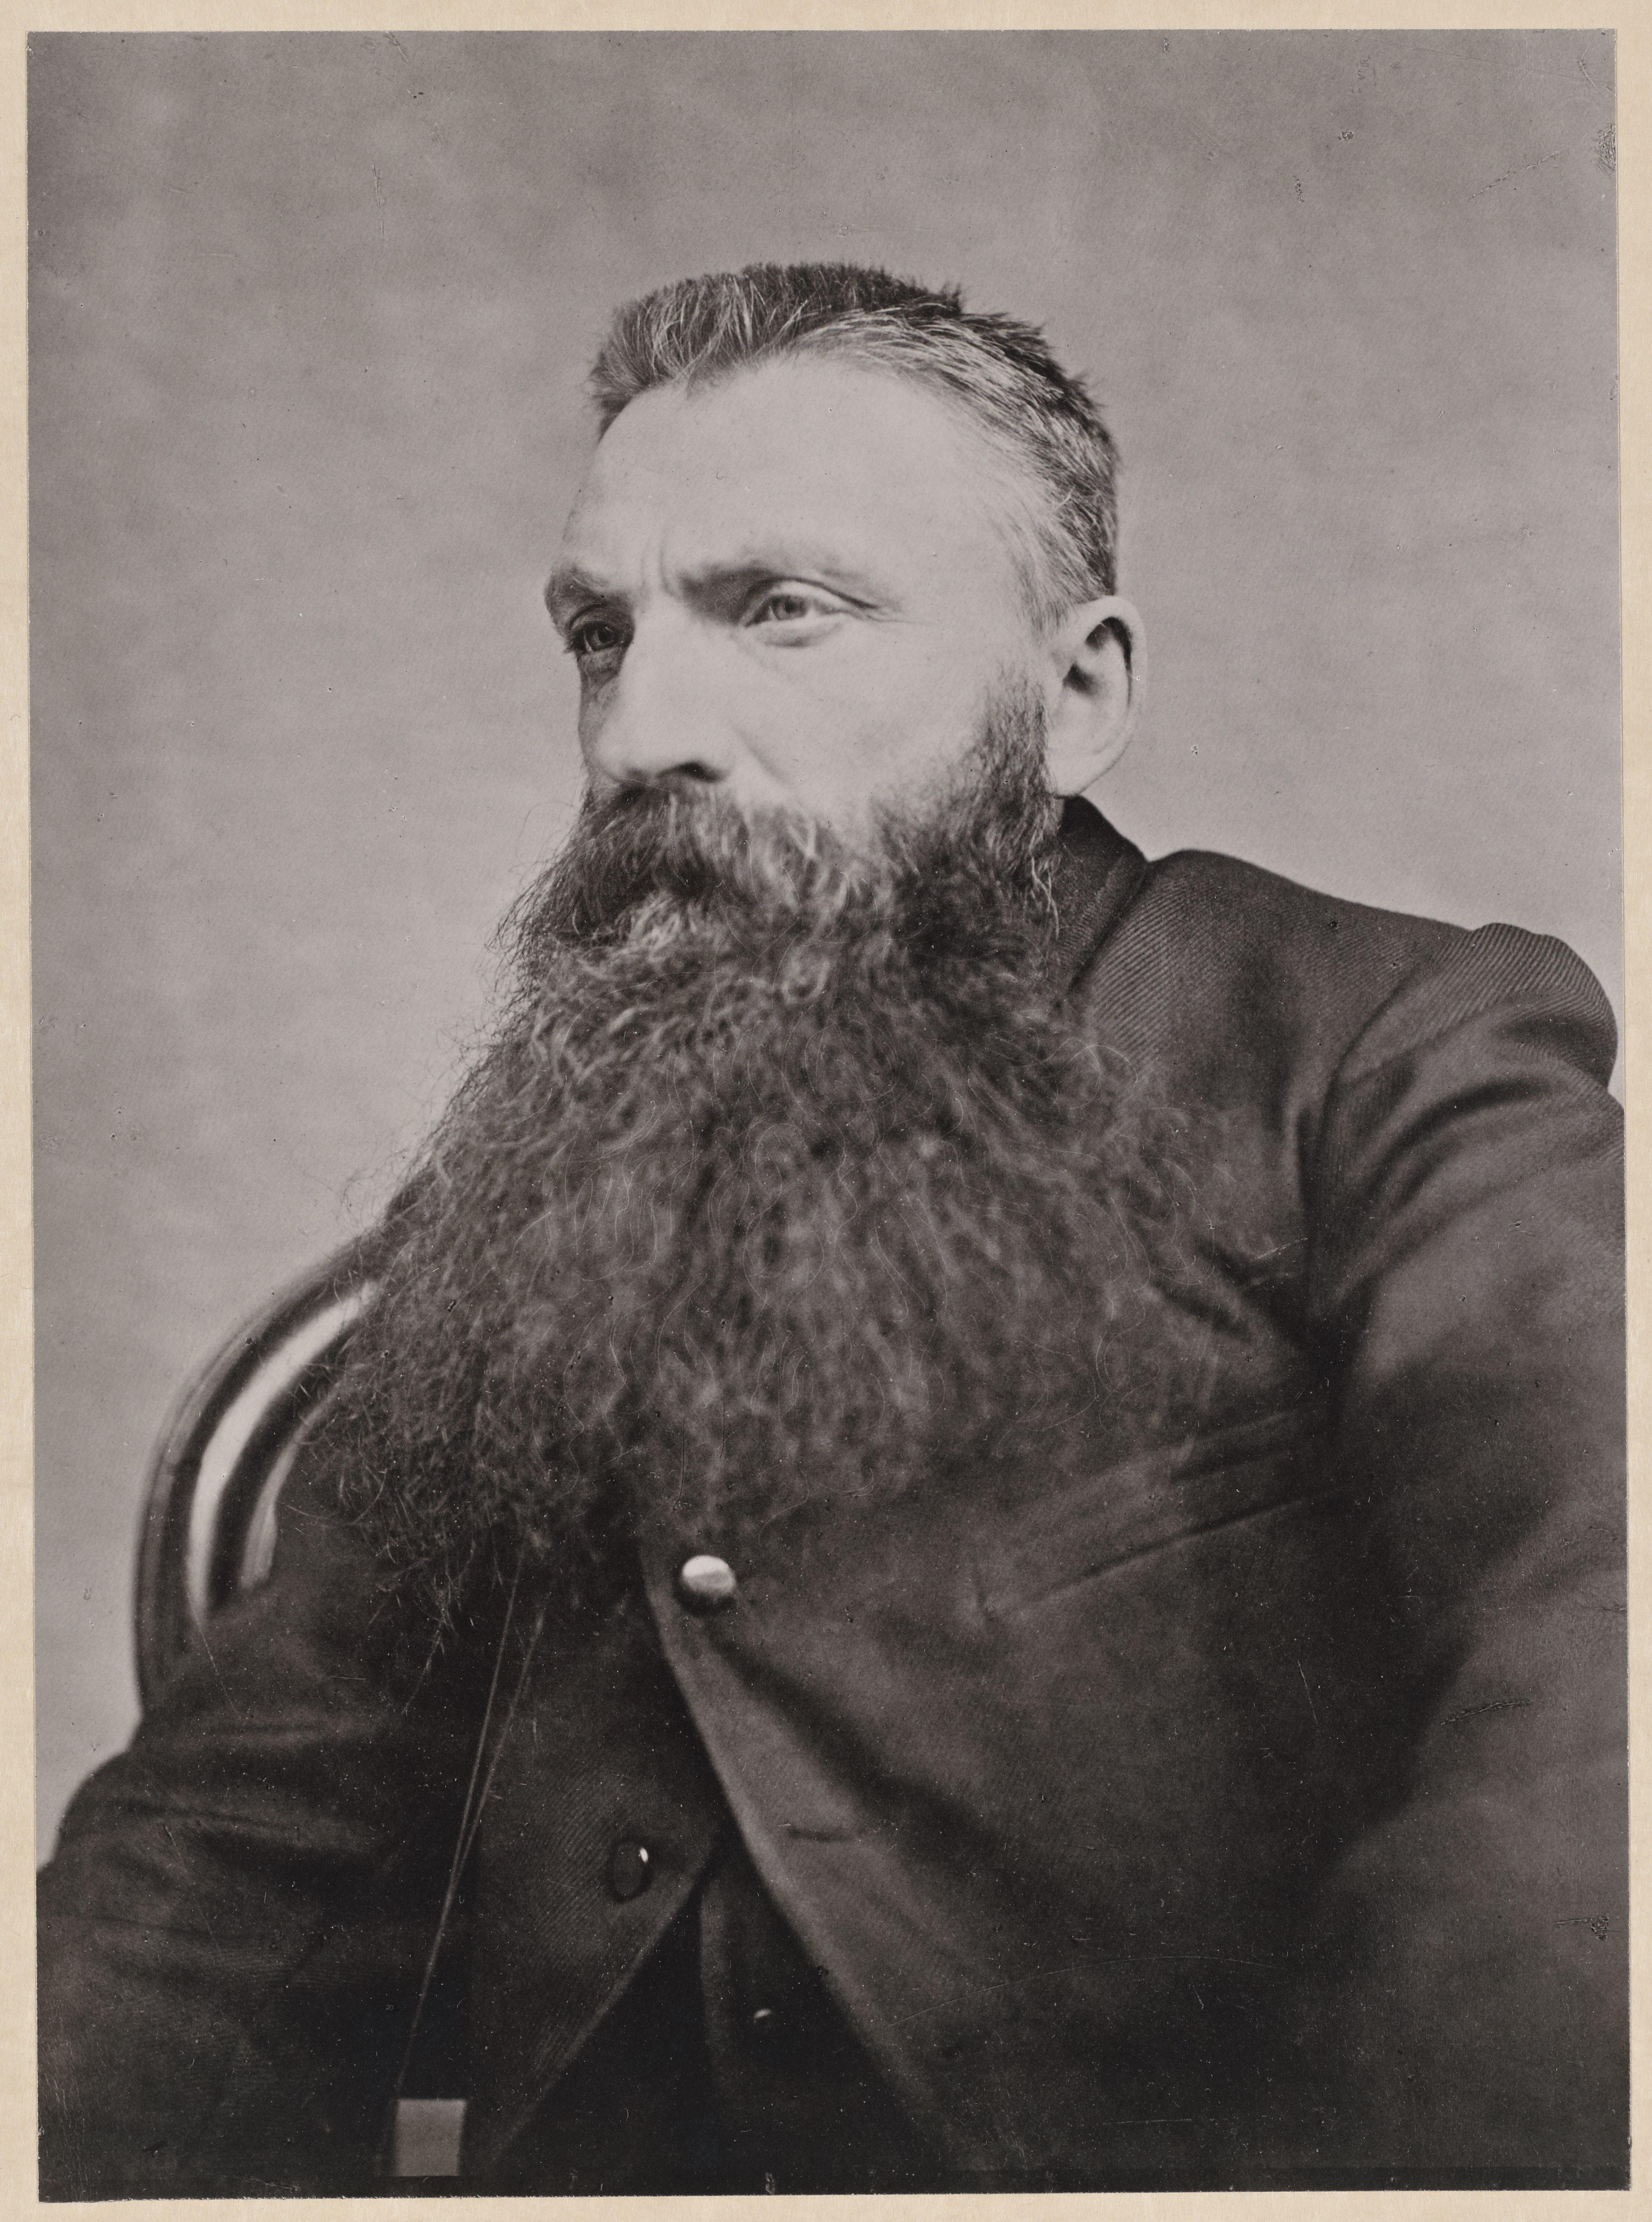 Adolphe Braun, Portrait de Rodin les cheveux en brosse, vers 1890, épreuve au charbon, H. 22 cm ; L. 16,3 cm, ph.166 collection musée Rodin